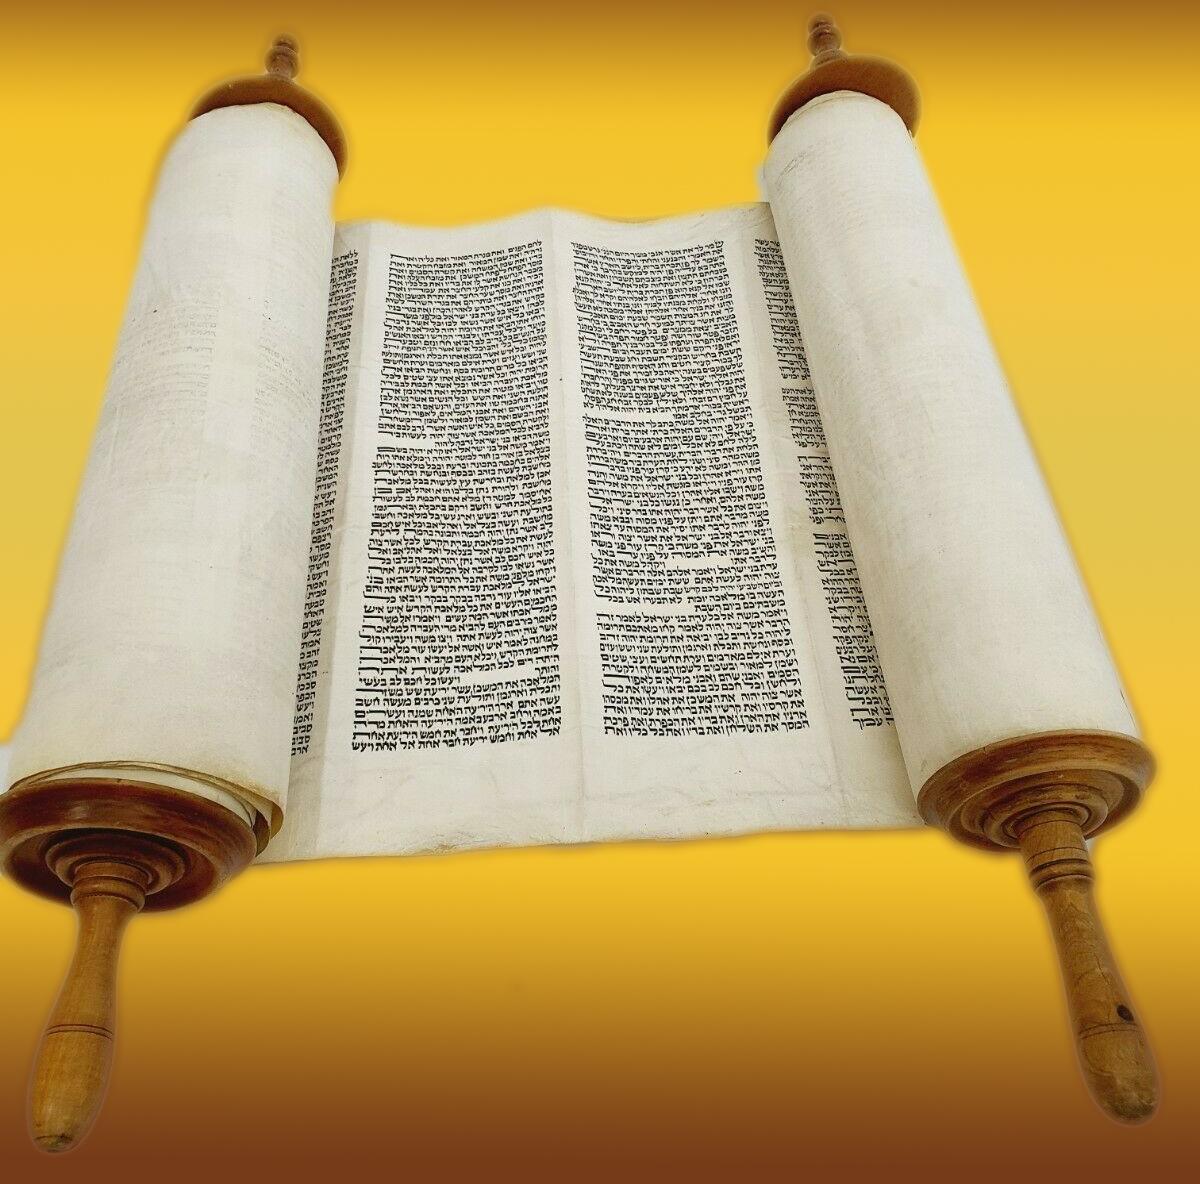 Torah scroll open on a golden background